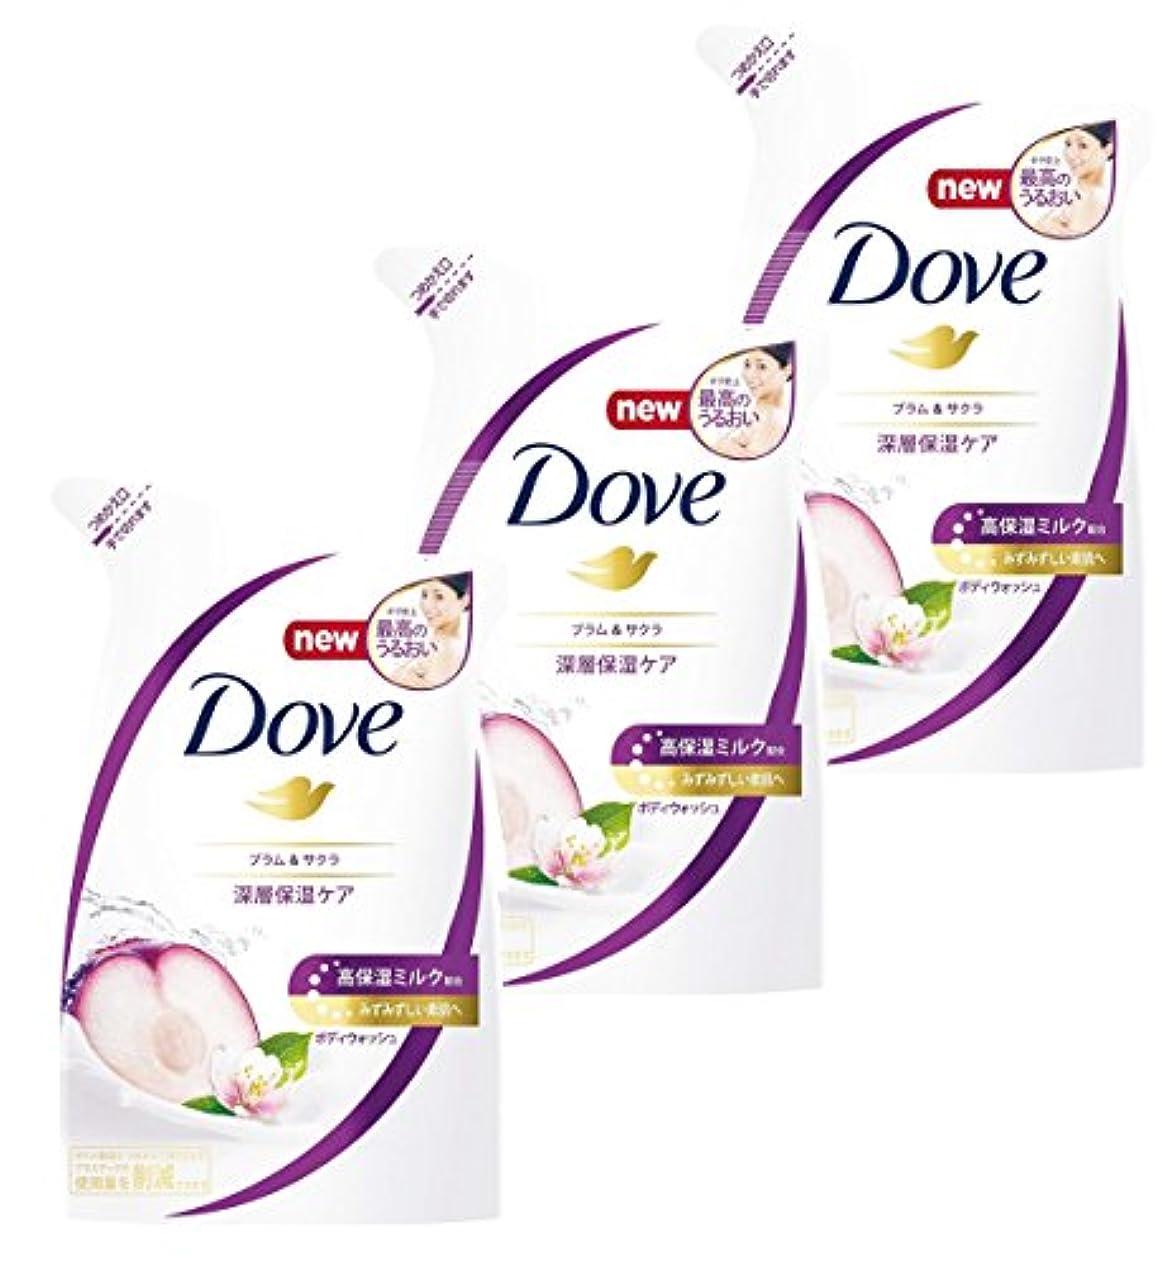 最も遠い入場ツーリスト【まとめ買い】Dove(ダヴ) ボディウォッシュ プラム & サクラ つめかえ用 360g×3個